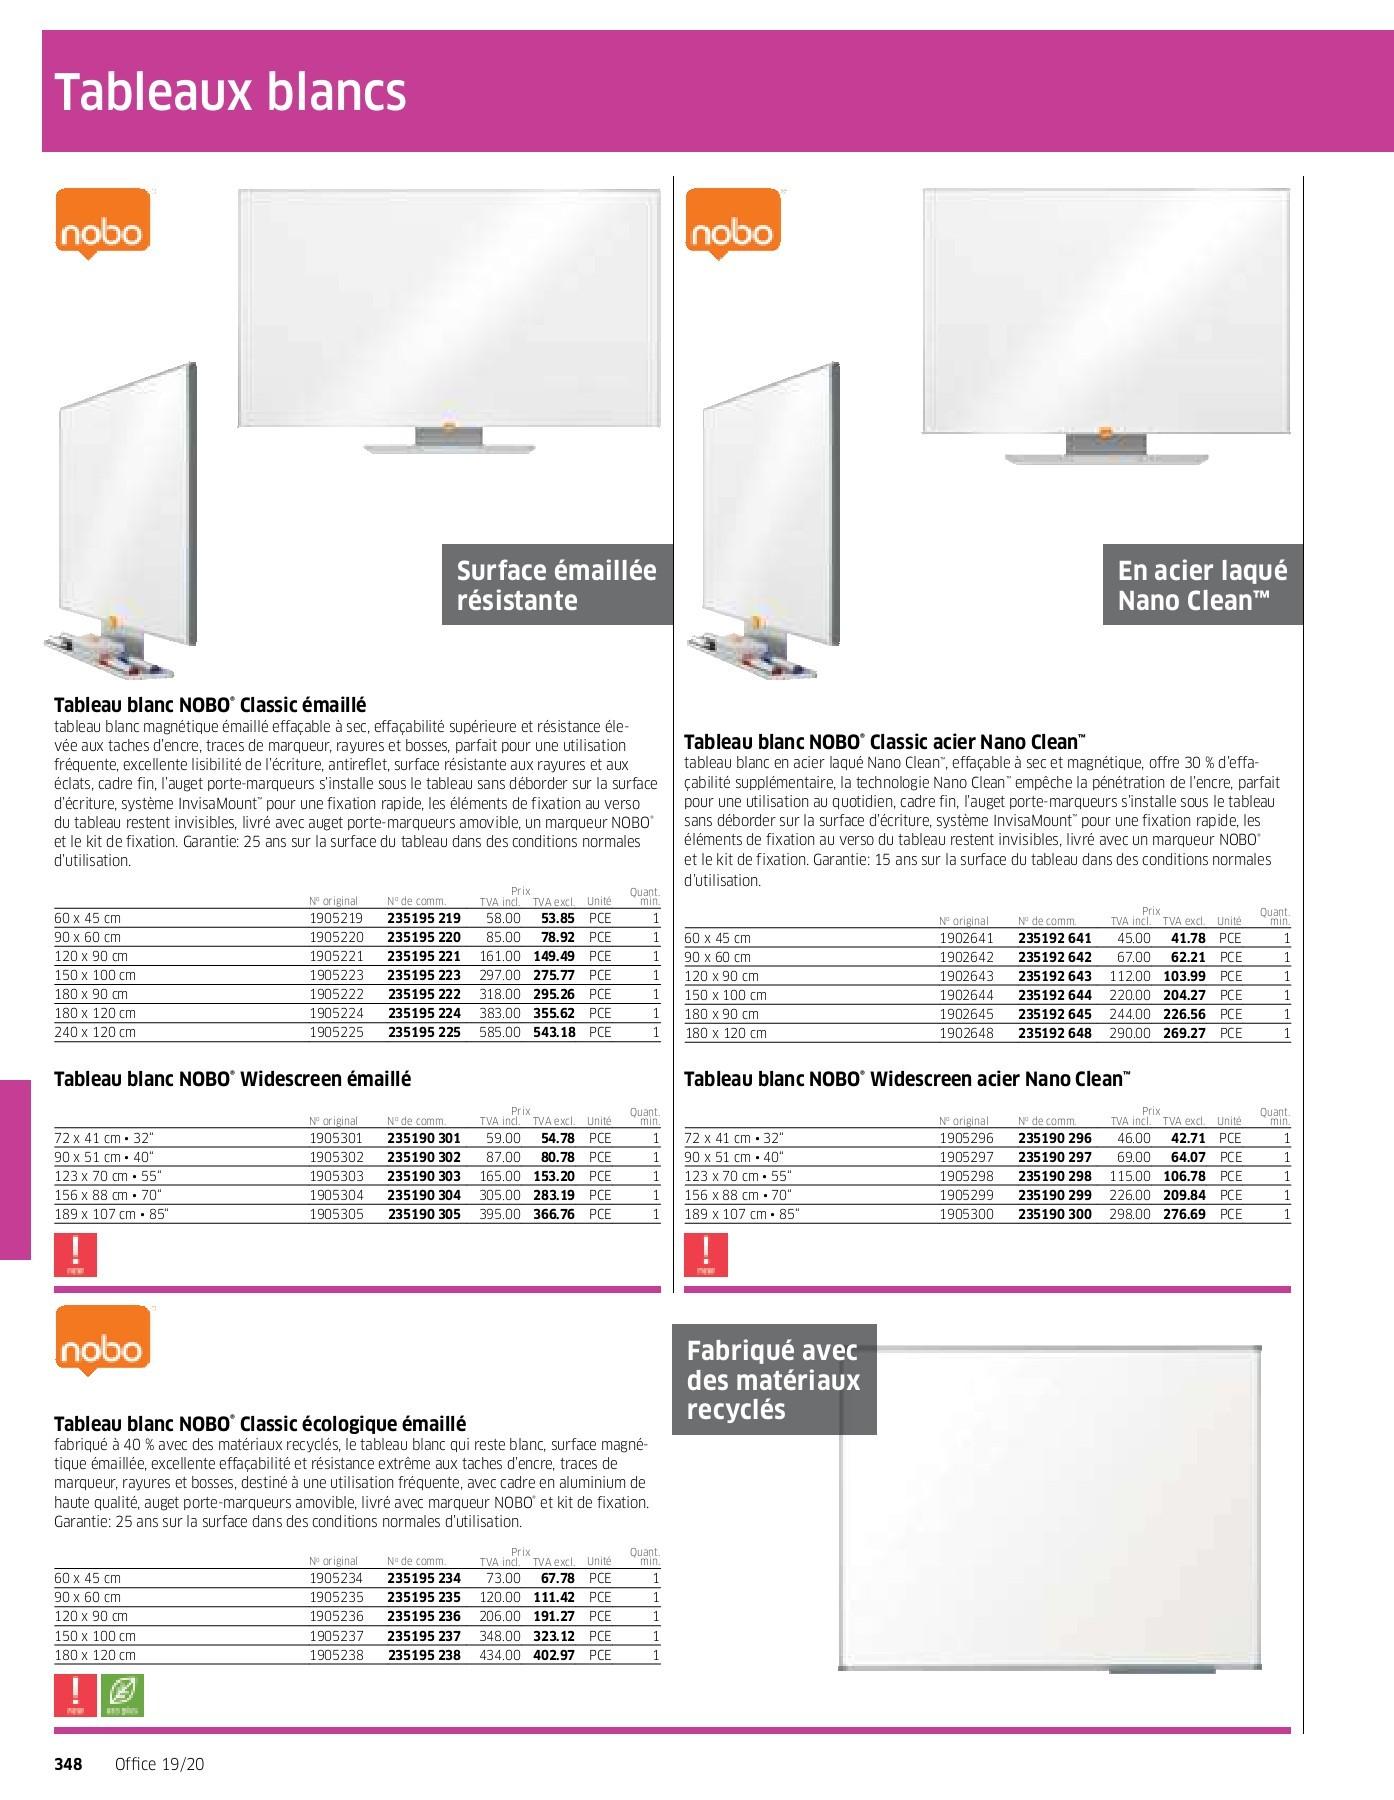 11352 /Étiquettes dymo blanc 54 x 25 mm 50 pi/èces 54 x 25 s0722520